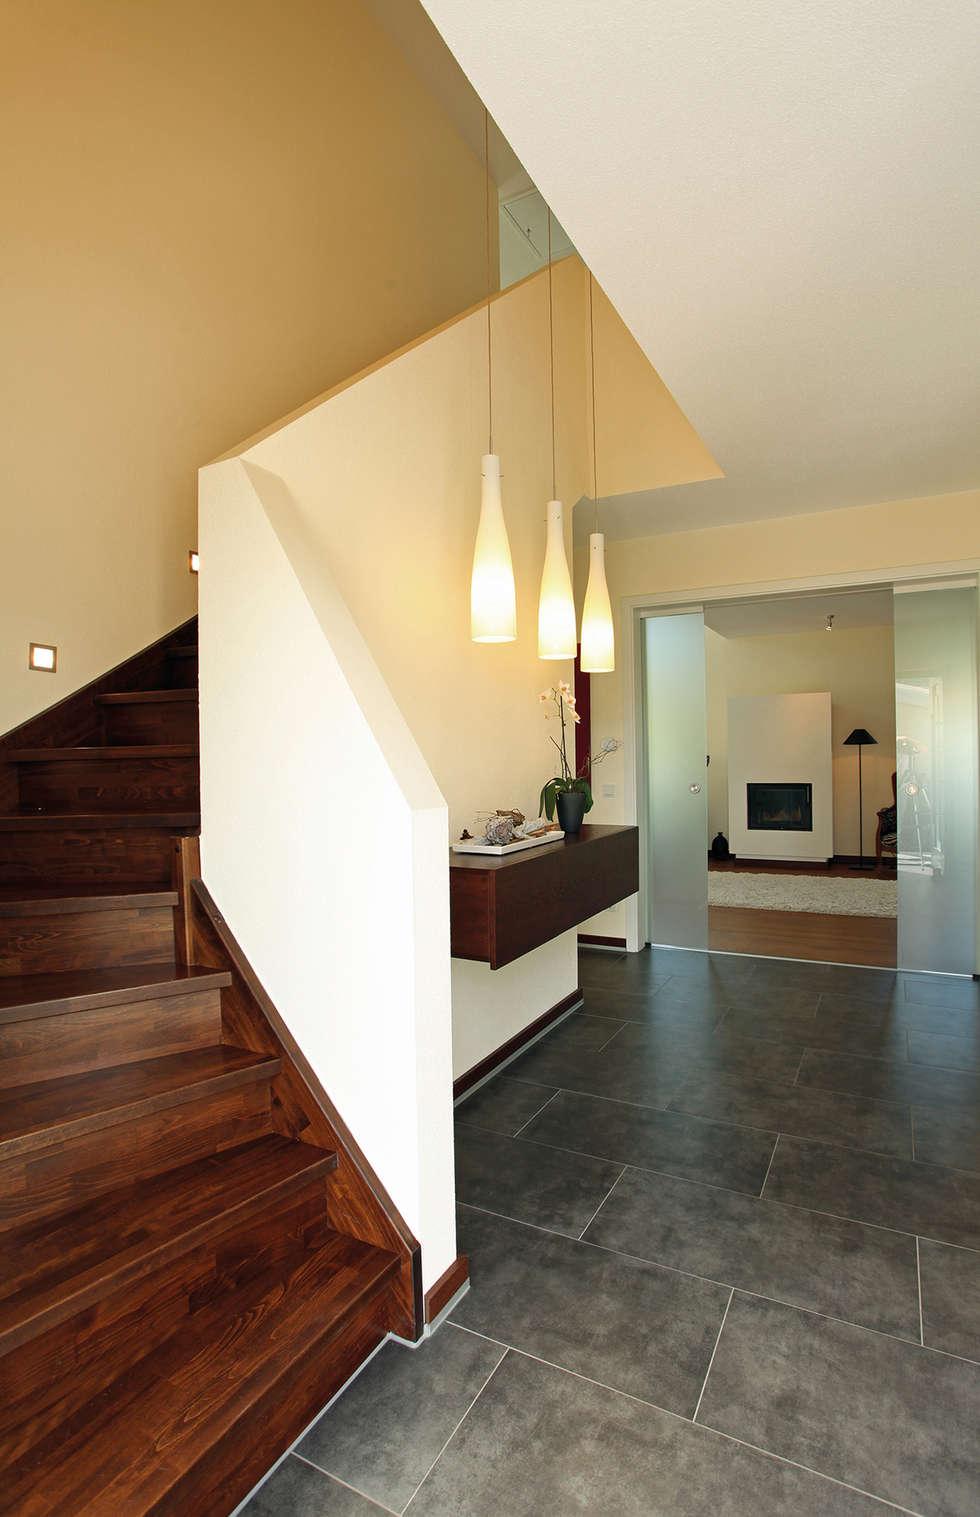 Wohnideen interior design einrichtungsideen bilder for Modernes haus licht